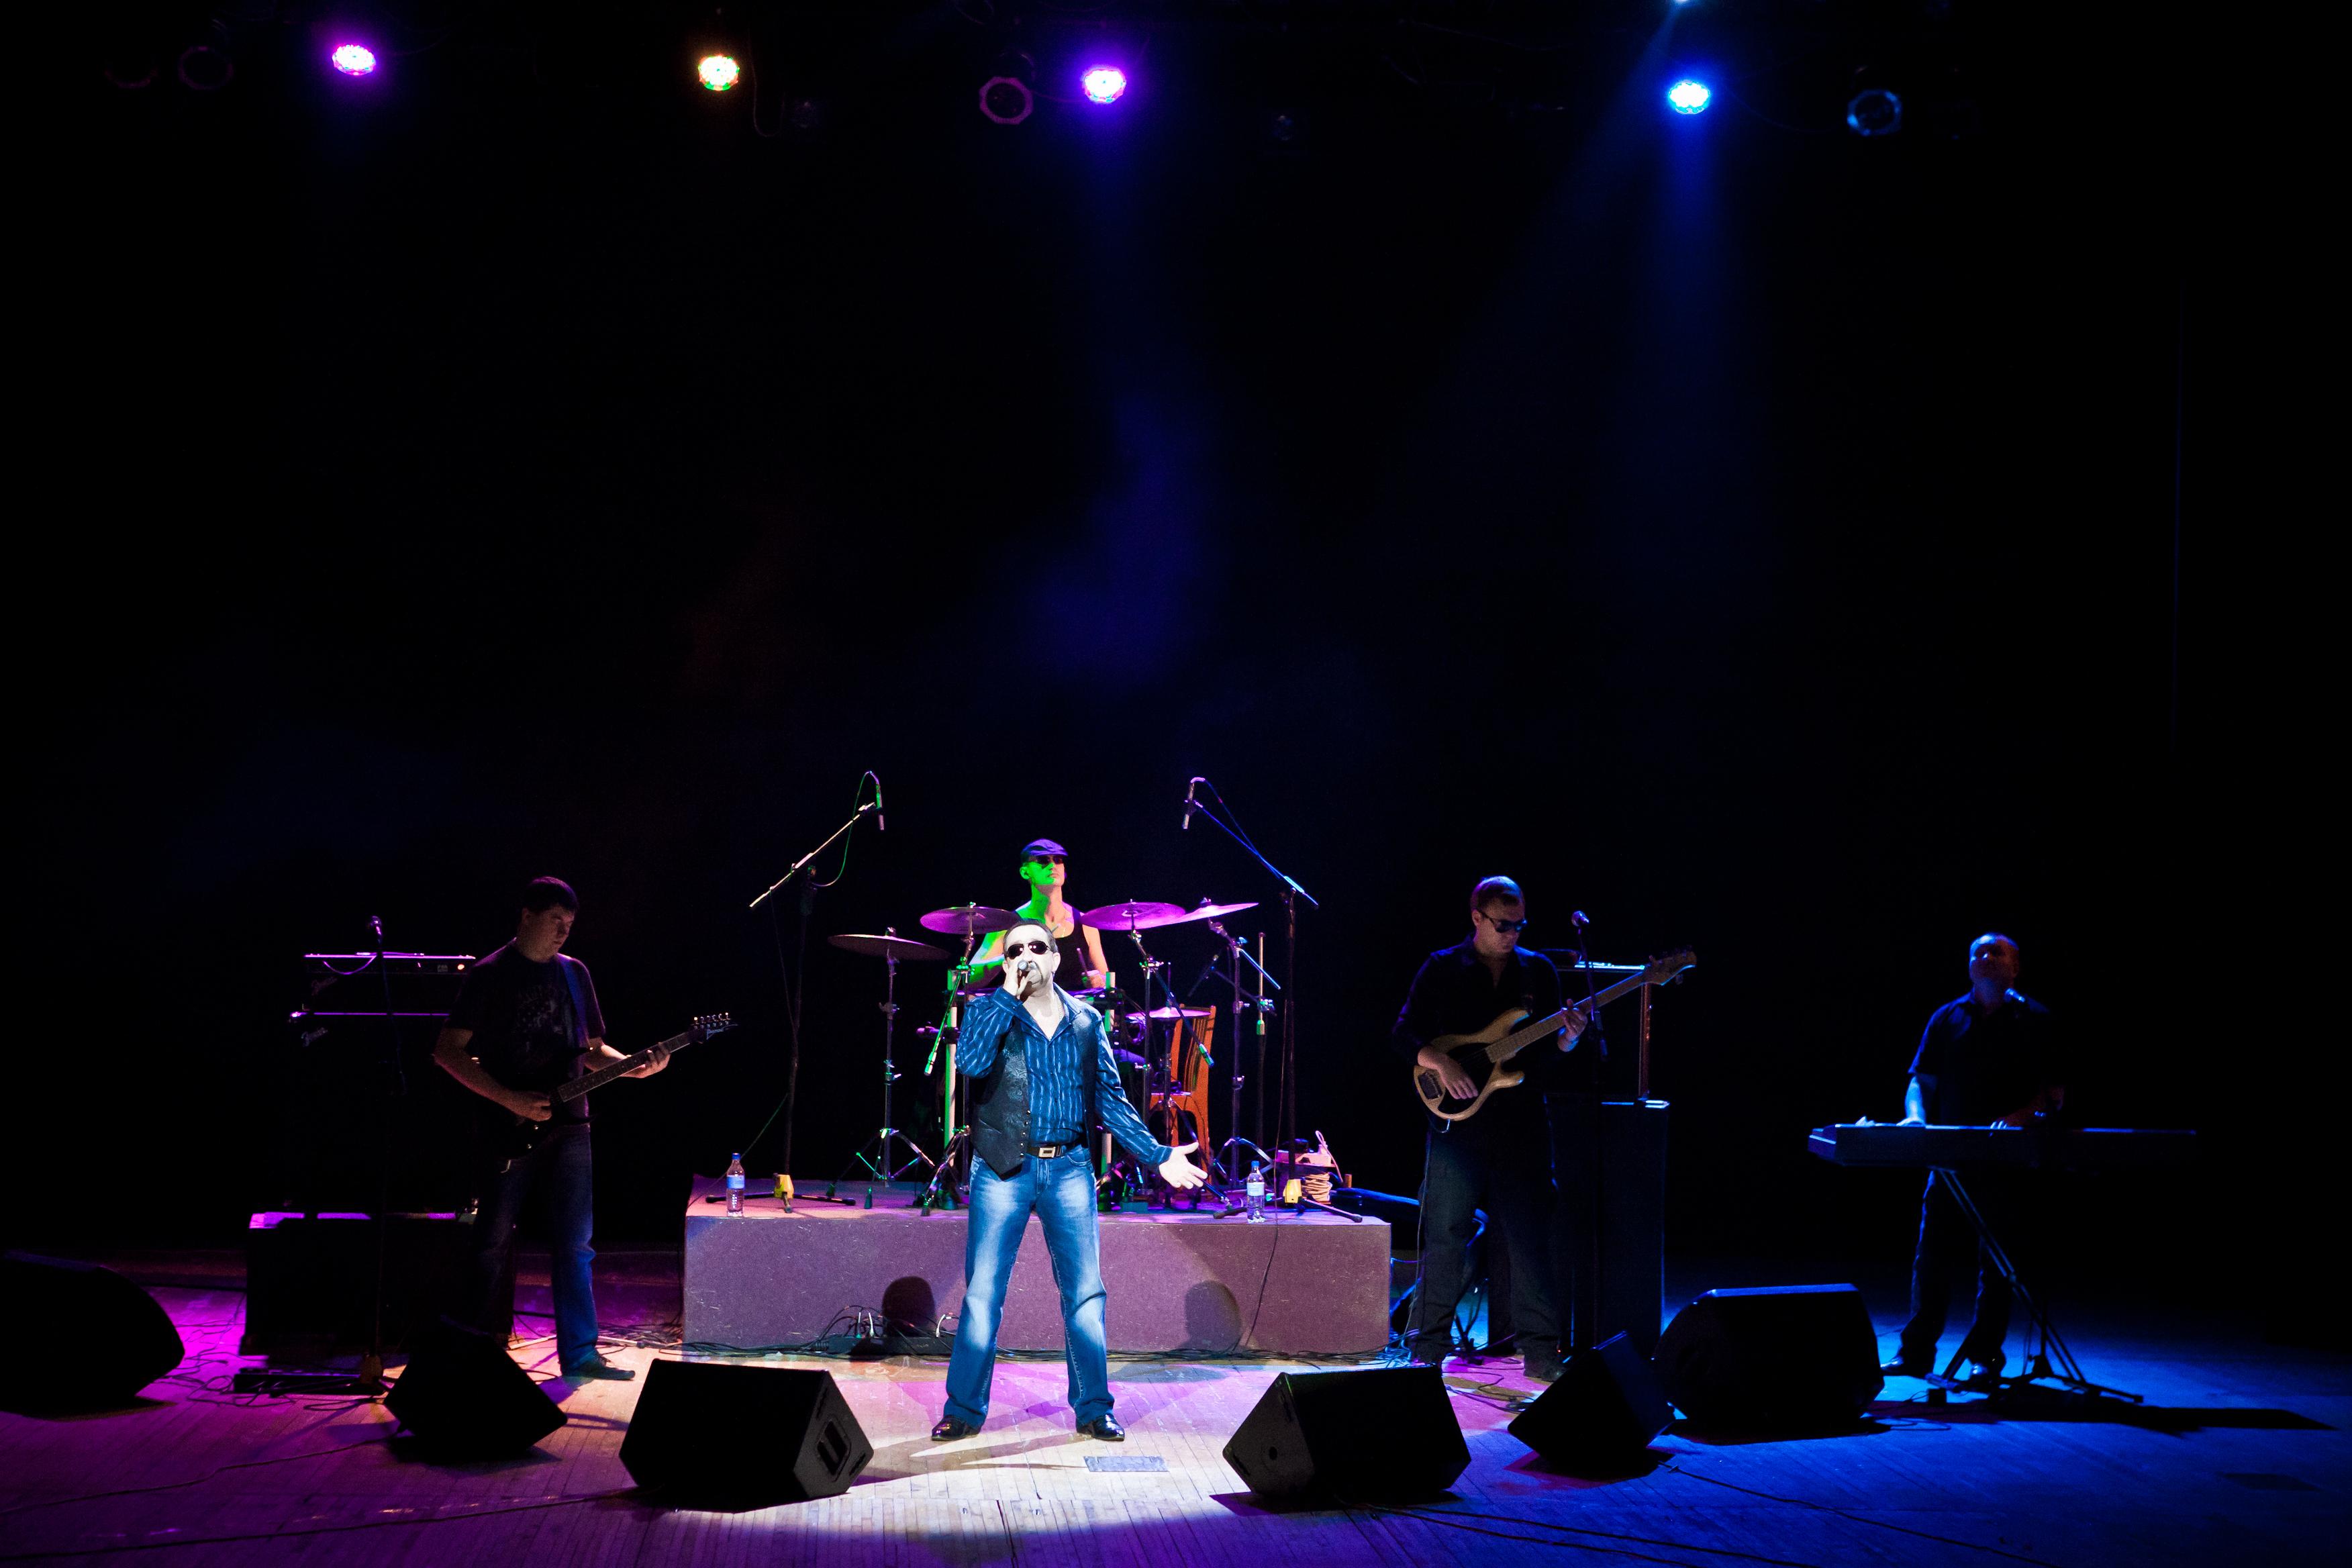 Концерт бутырки в березниках — 12